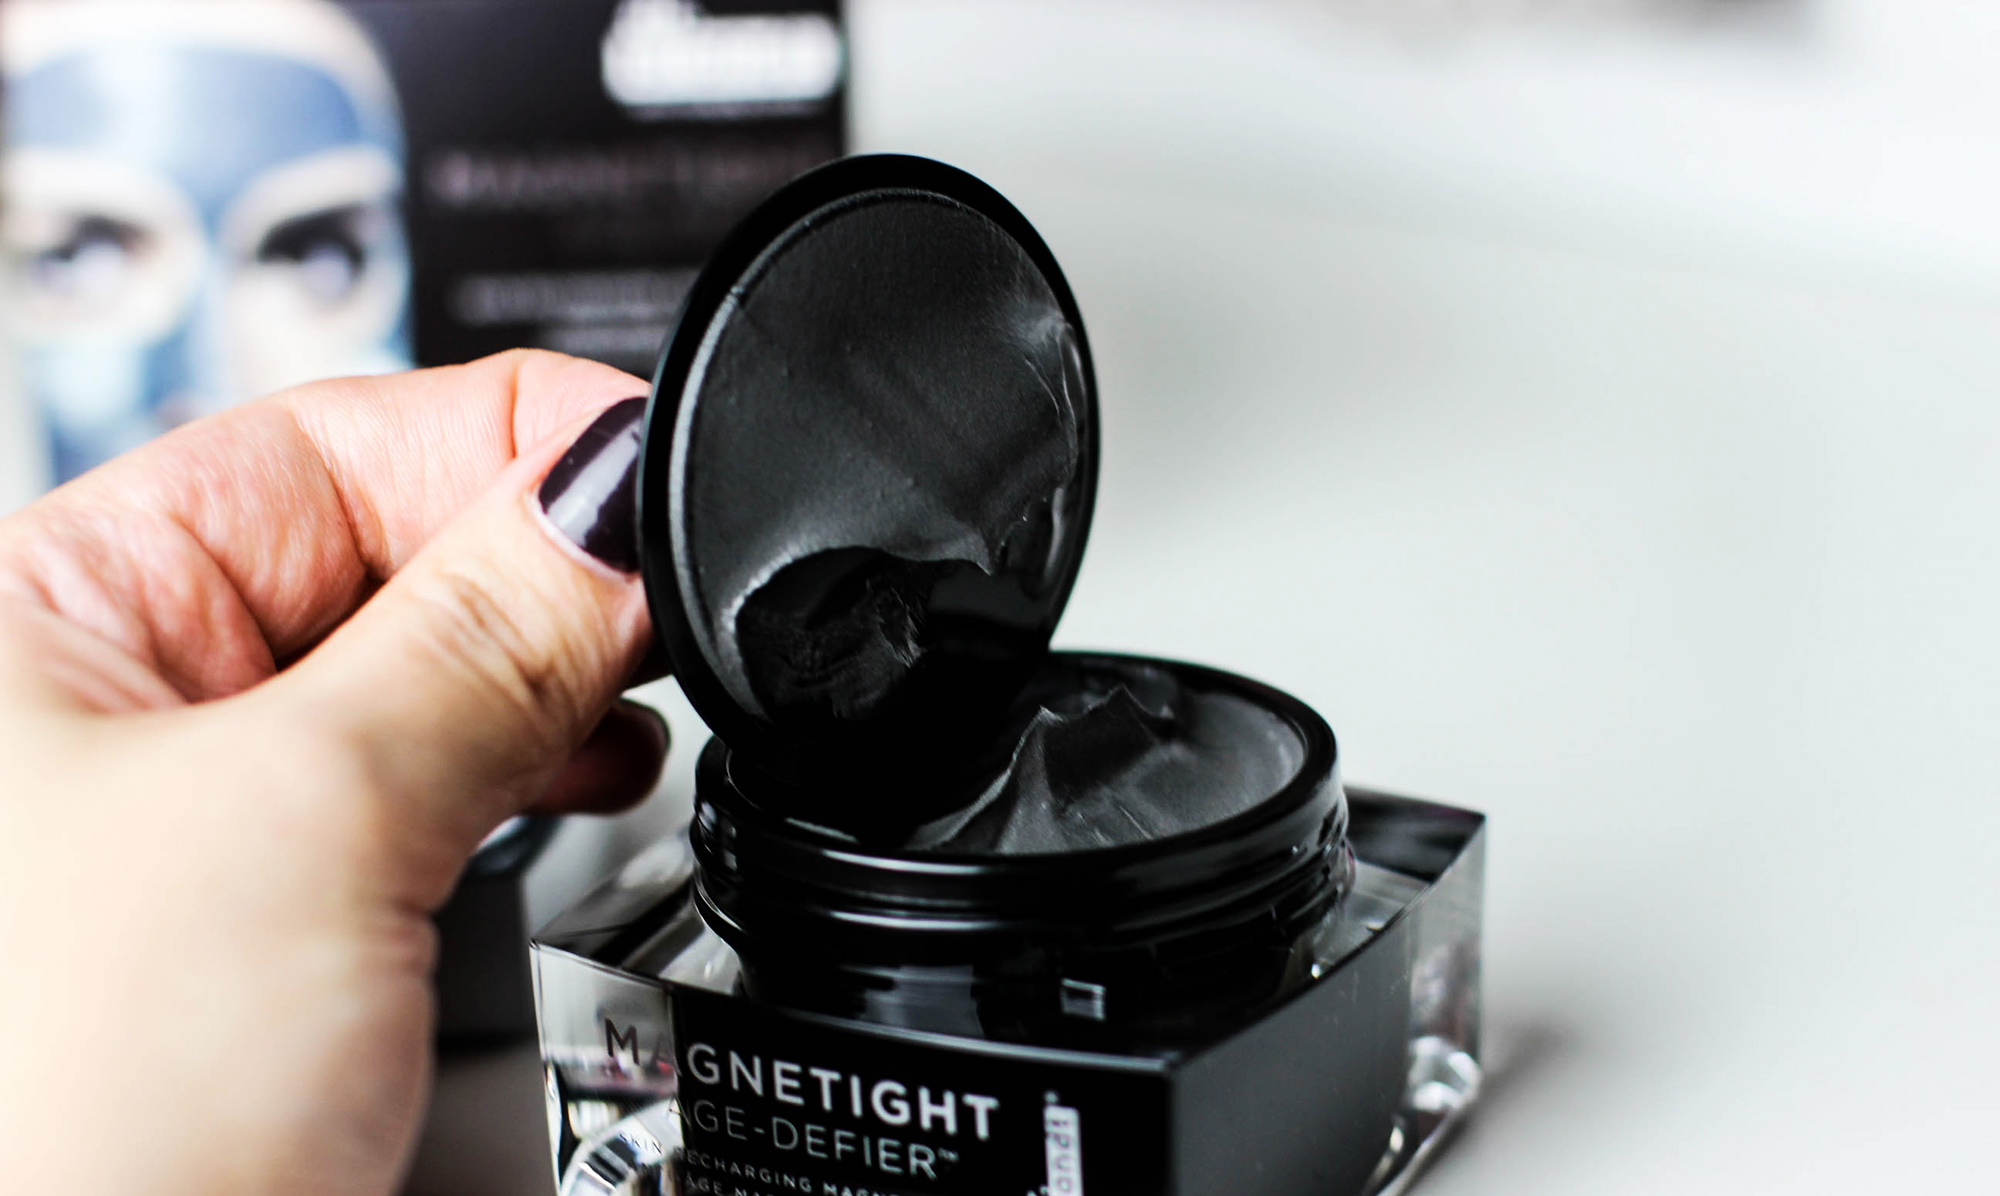 Magnetight_masque-Dr Brandt-12